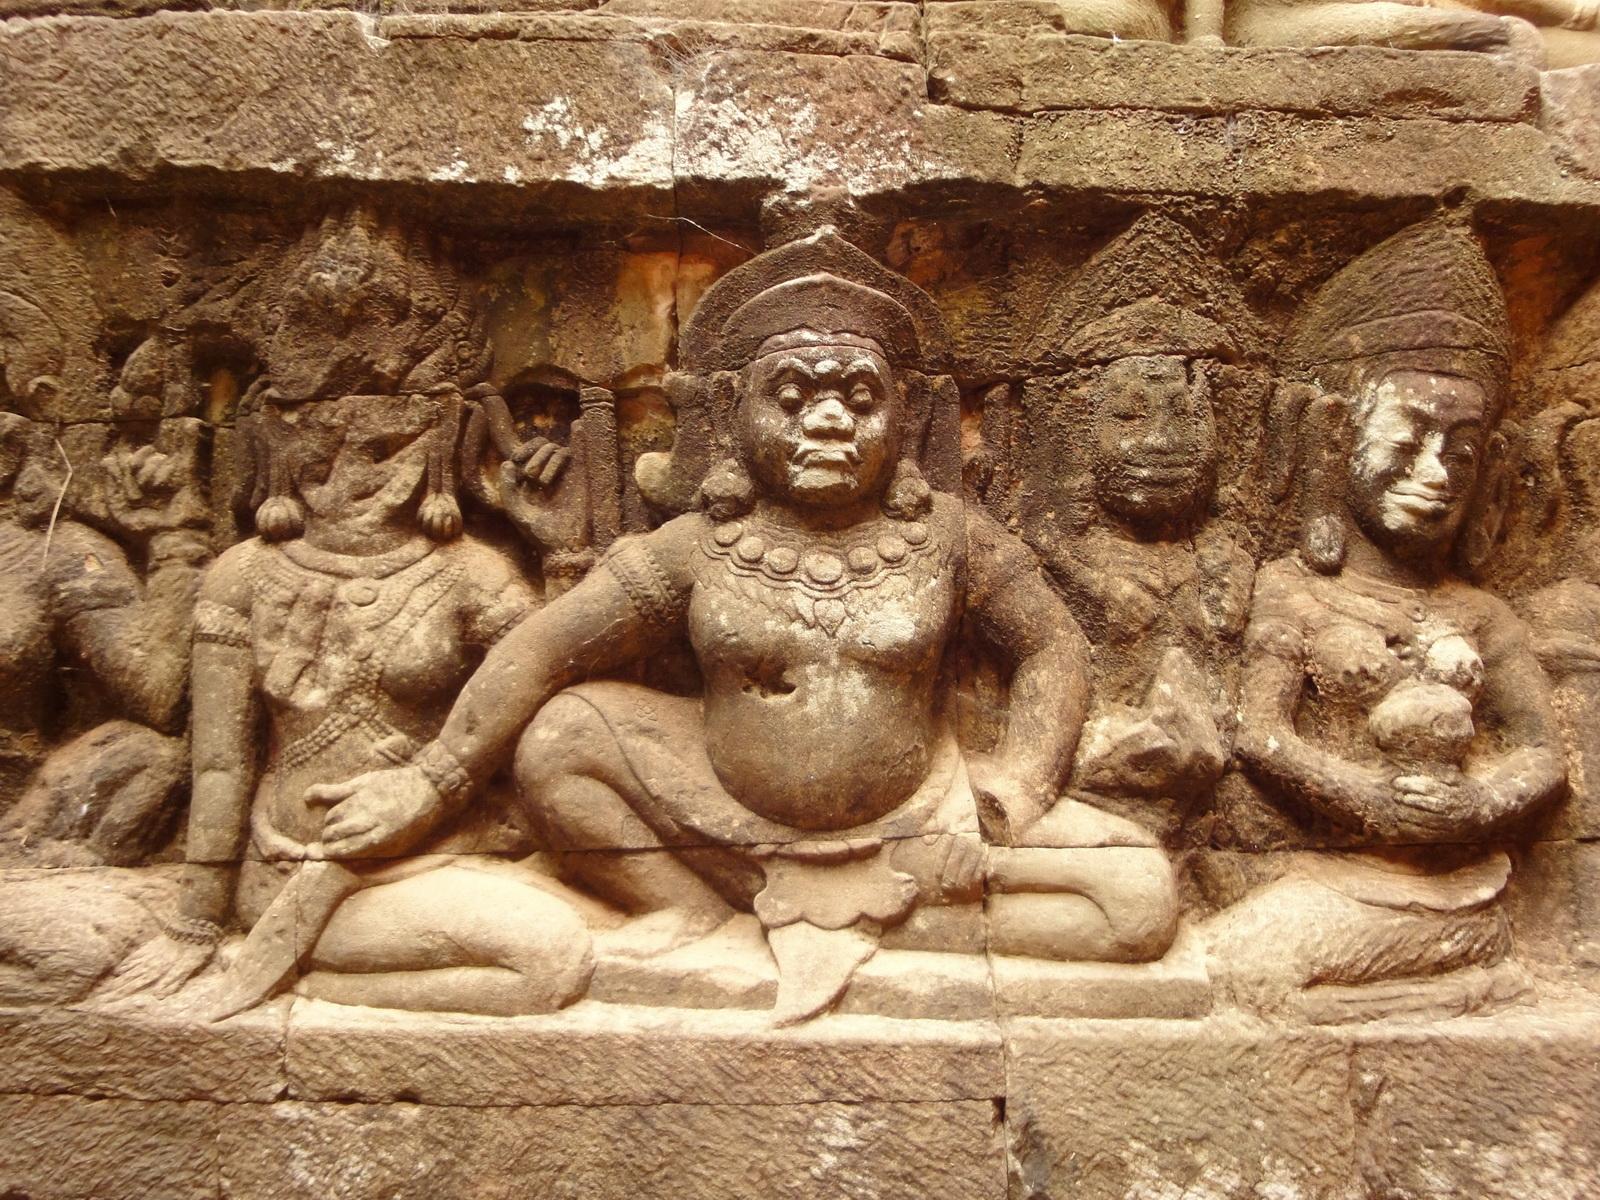 Leper King Terrace hidden wall underworld Nagas and deities 079